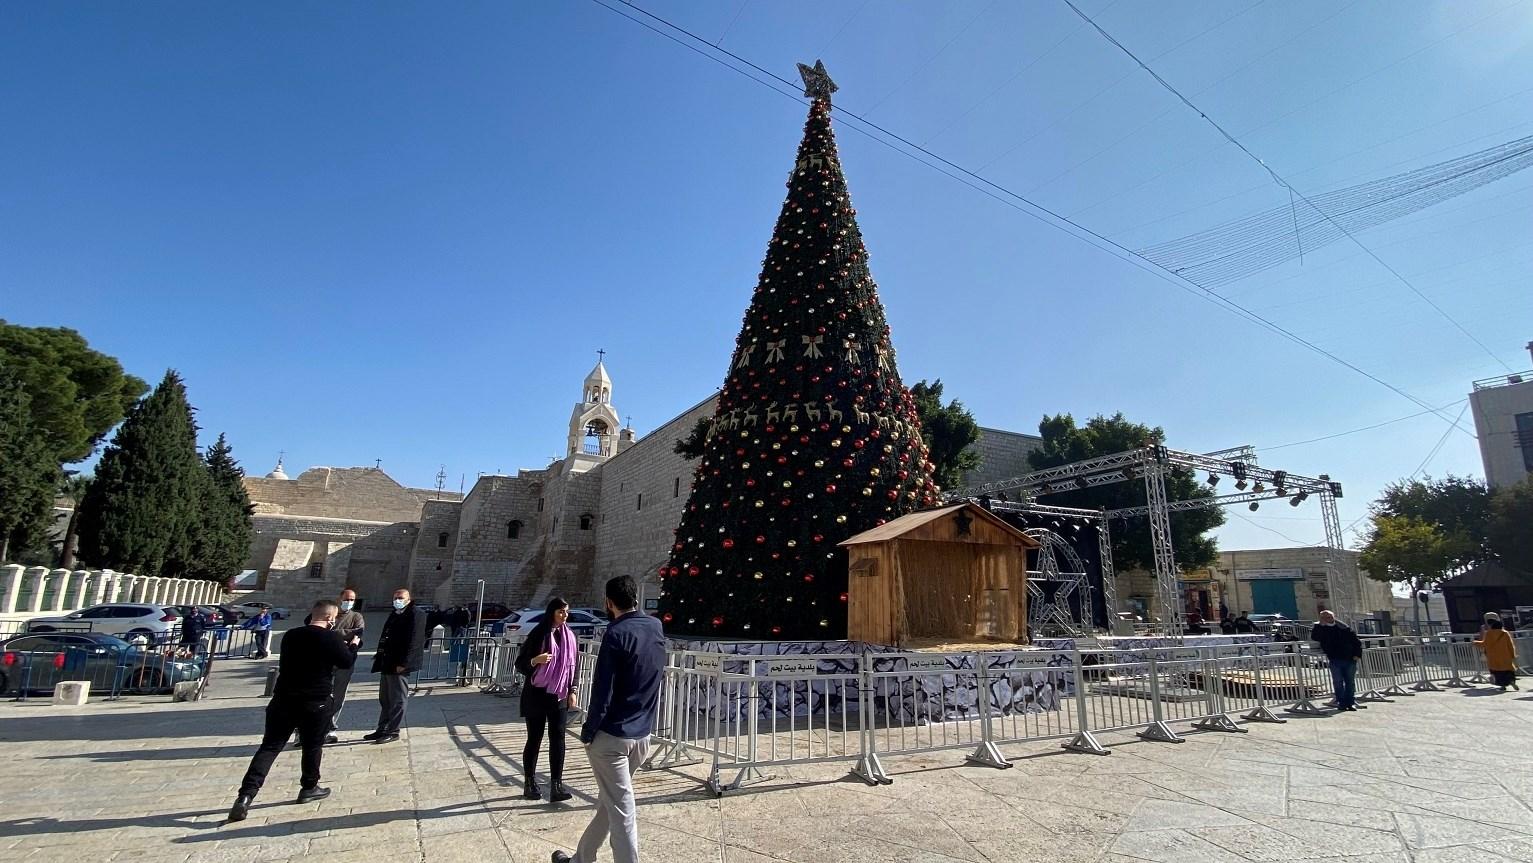 اجراءات كورونا تقييد بهجة عيد الميلاد في بيت لحم